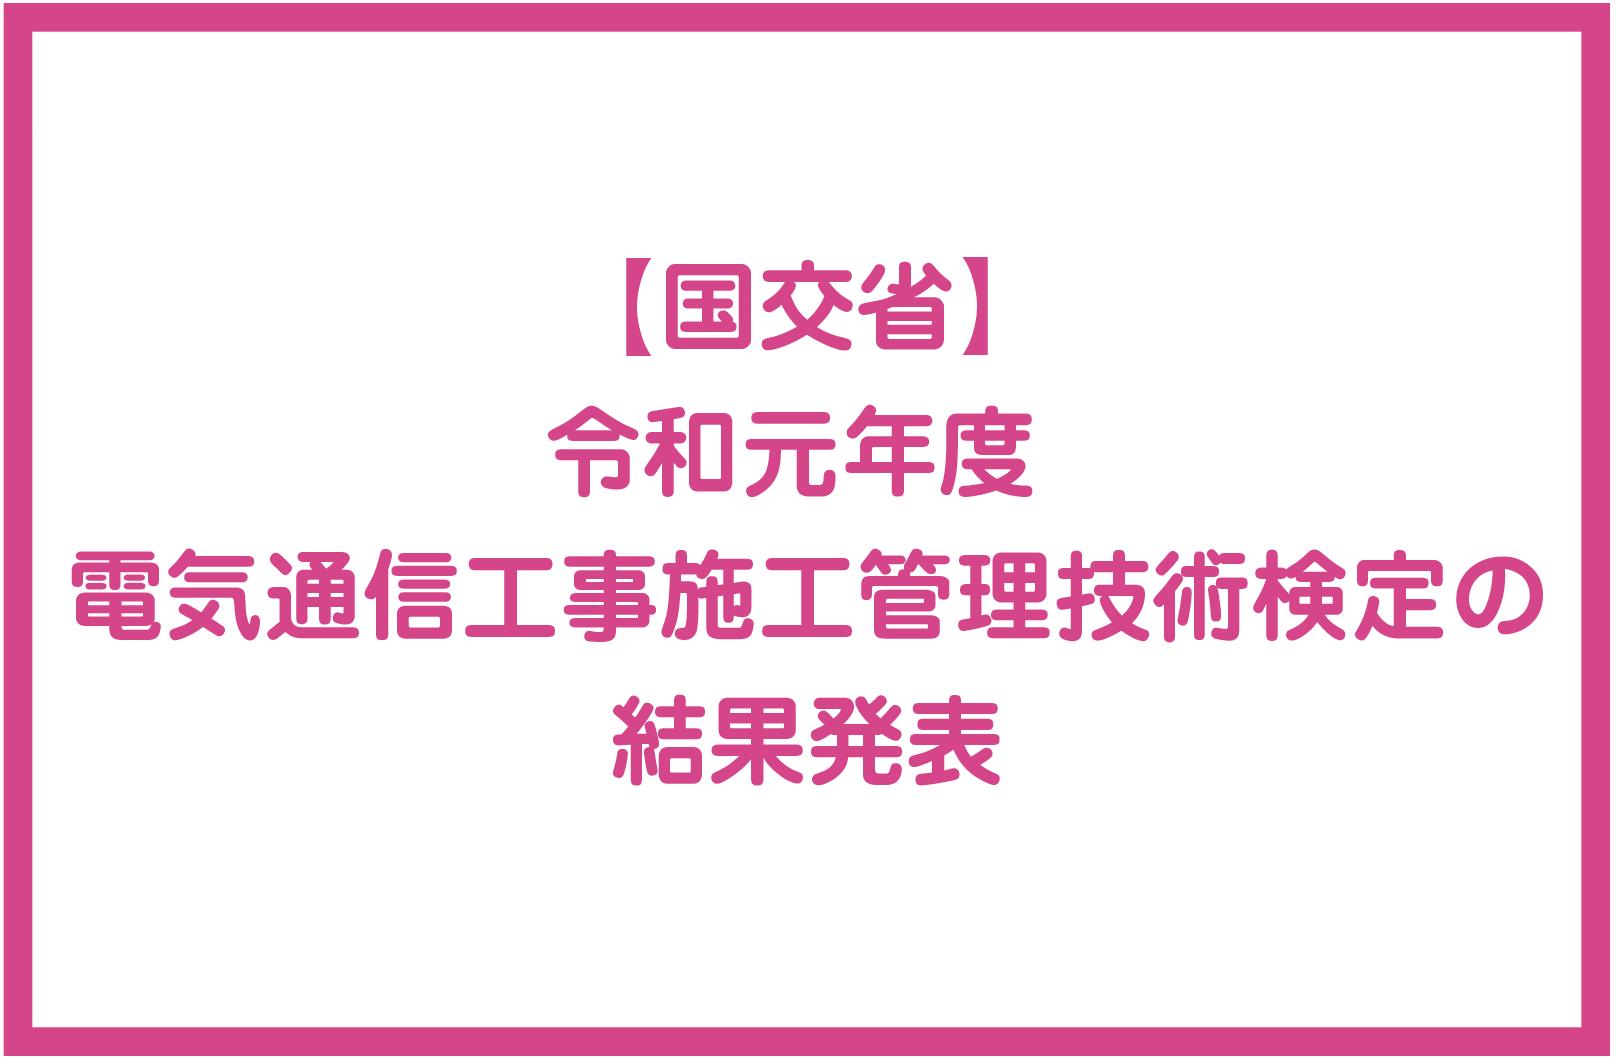 【国交省】 令和元年度 電気通信工事施工管理技術検定の結果発表の画像